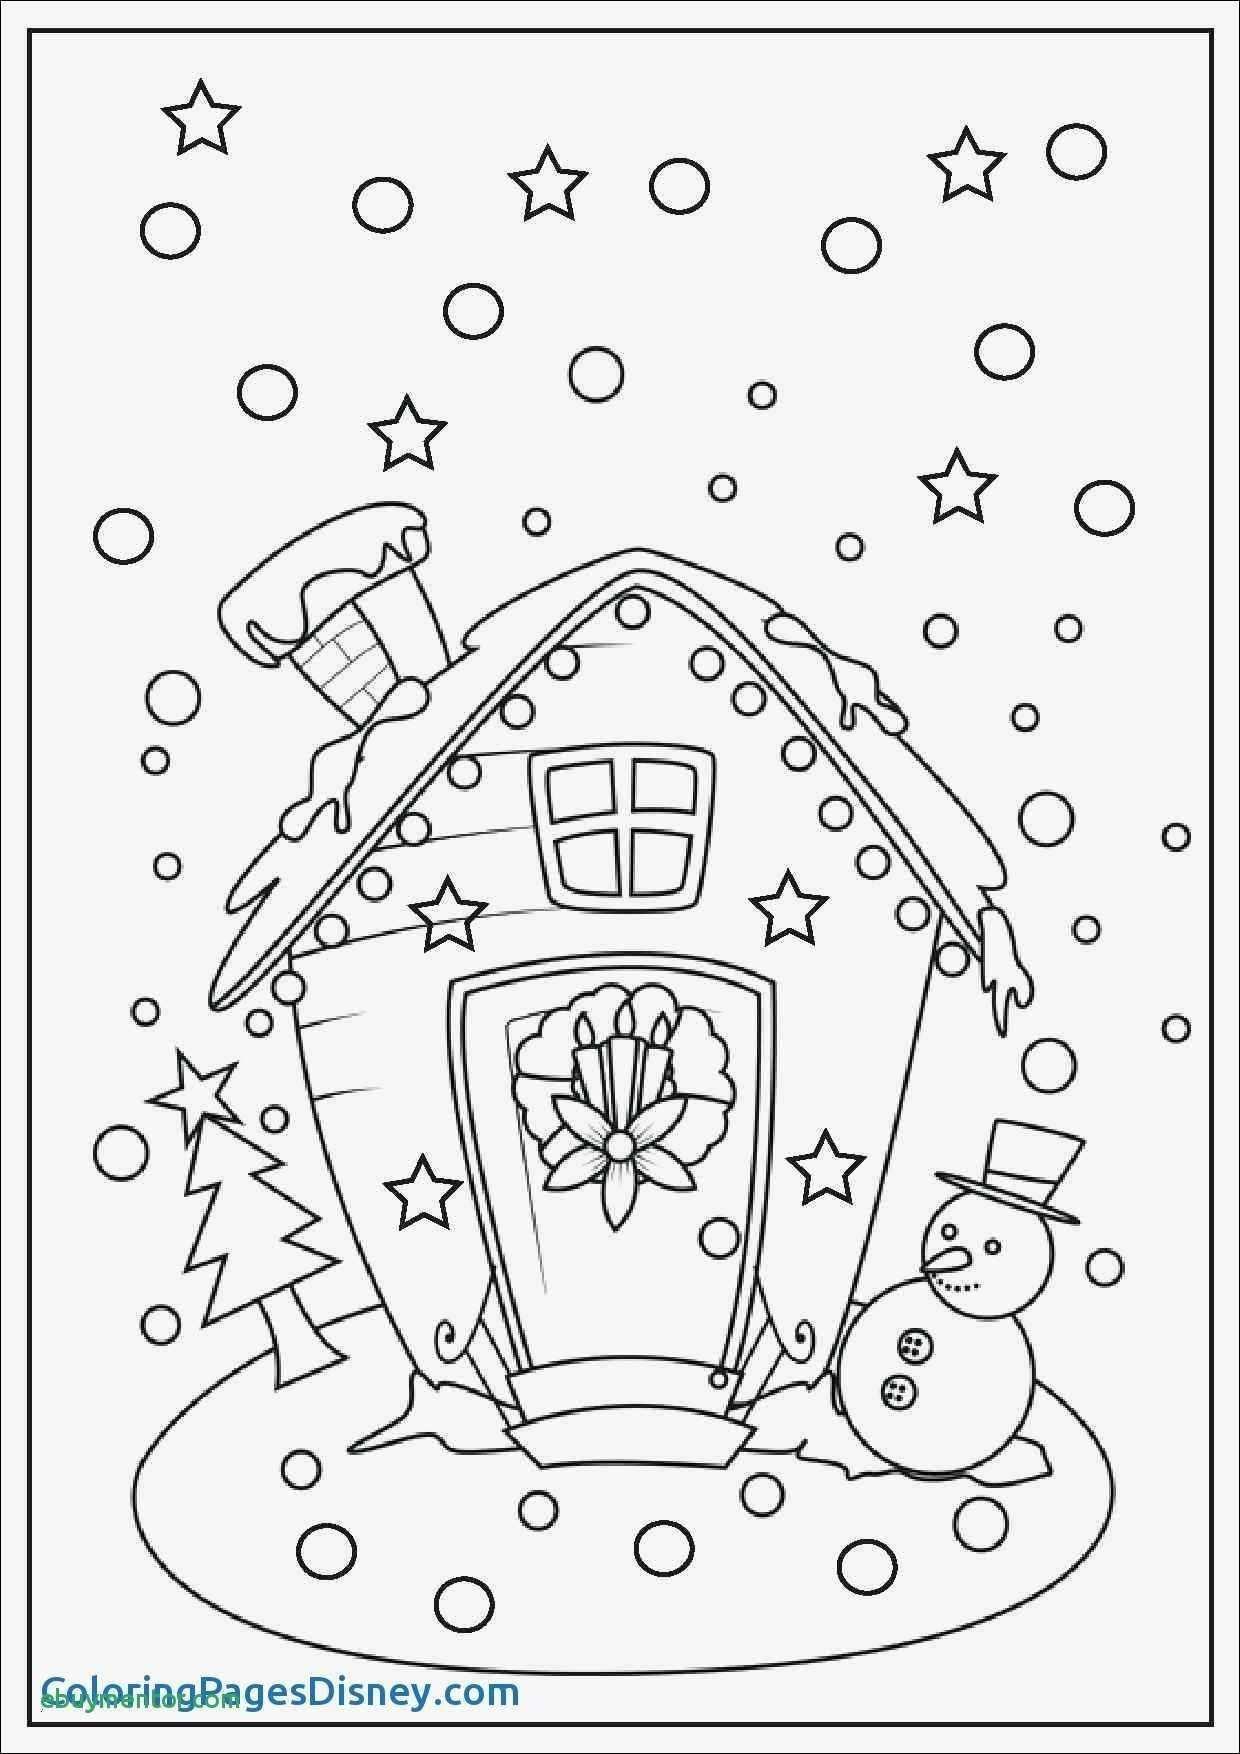 Ausmalbild Anna Und Elsa Einzigartig Ausmalbilder Anna Und Elsa Olaf Prinzessin Malvorlagen Genial Das Bild